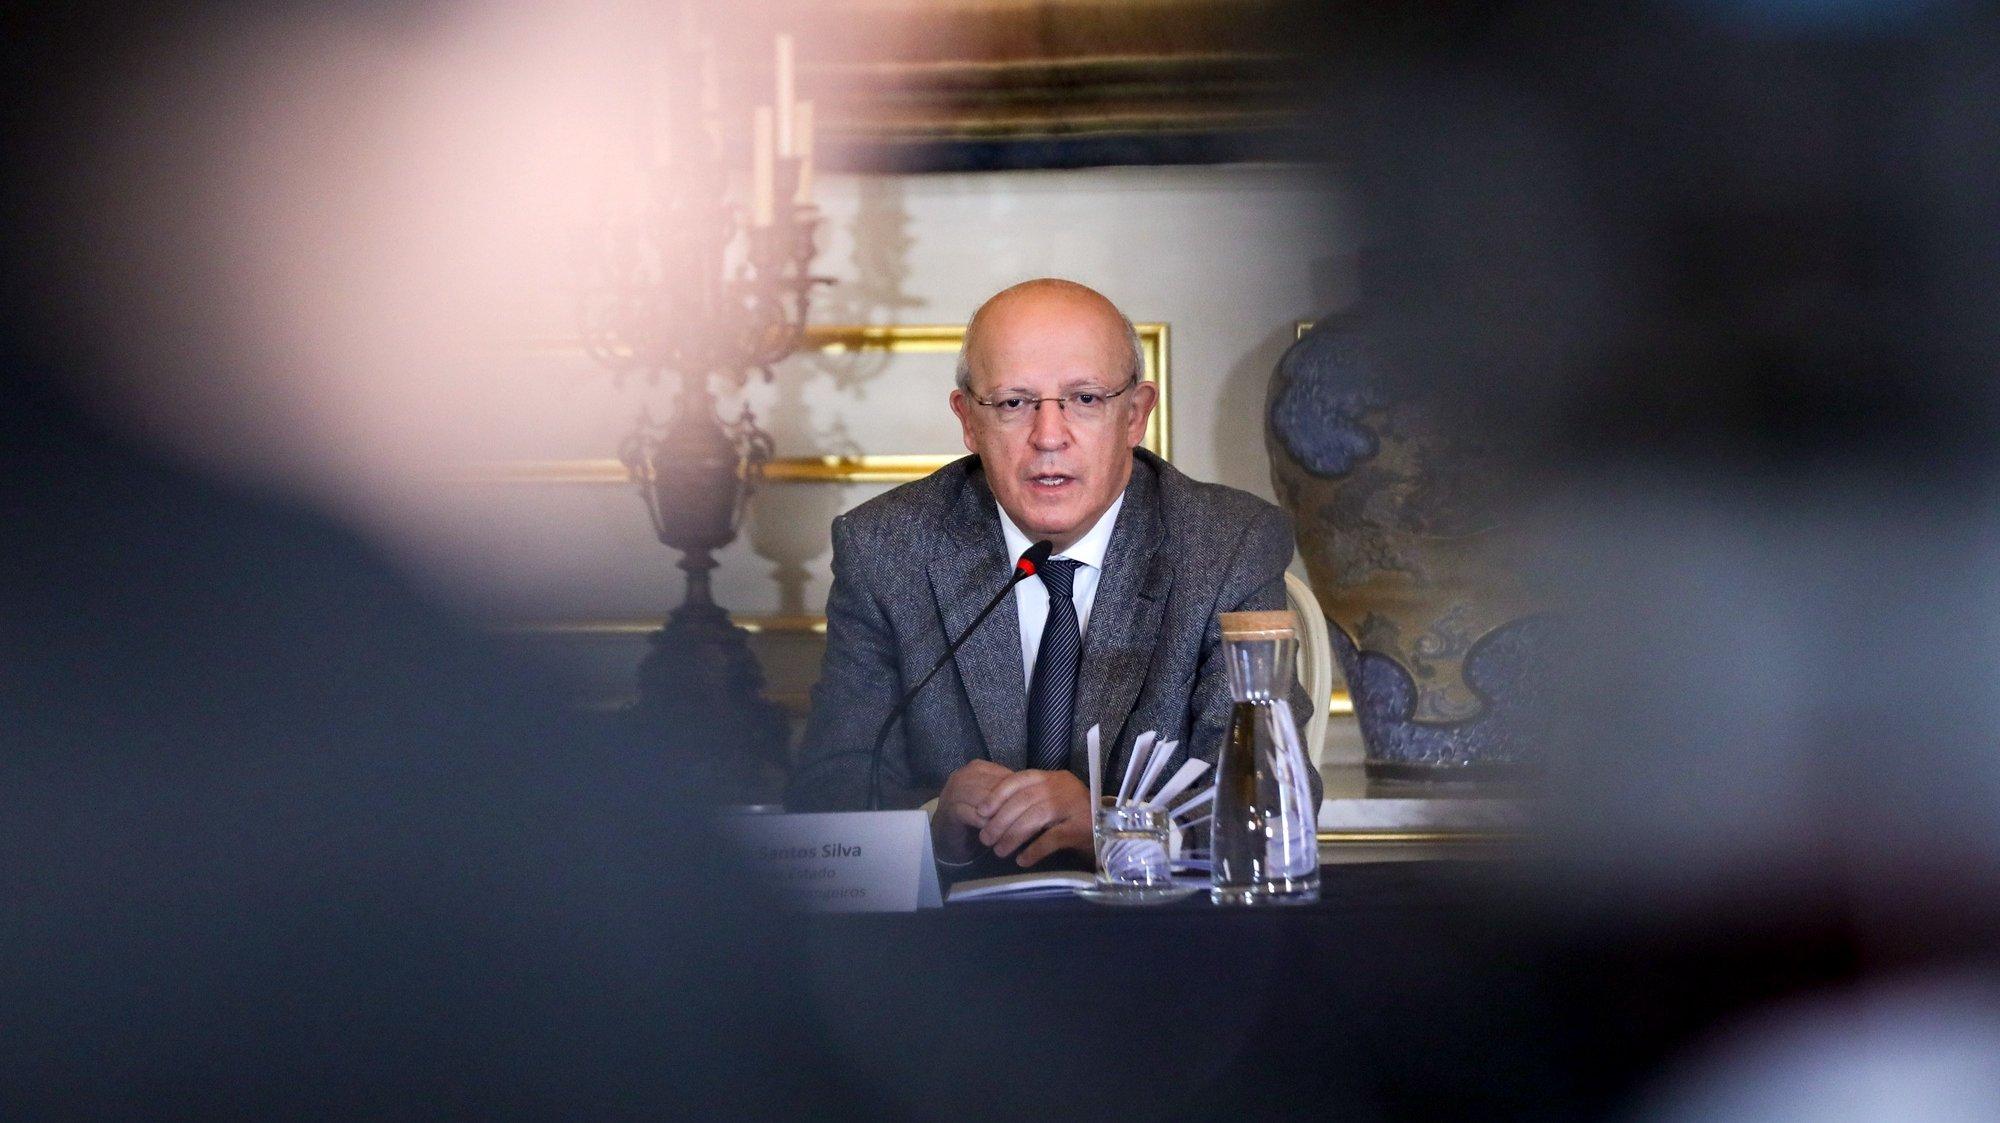 O ministro dos Negócios Estrangeiros, Augusto Santos Silva, intervém no balanço intercalar do Plano de Ação de resposta à pandemia covid-19 entre Portugal, os PALOP e Timor-Leste, esta manhã no Ministério dos Negócios Estrangeiros em Lisboa, 24 de fevereiro de 2021. MIGUEL A. LOPES/LUSA